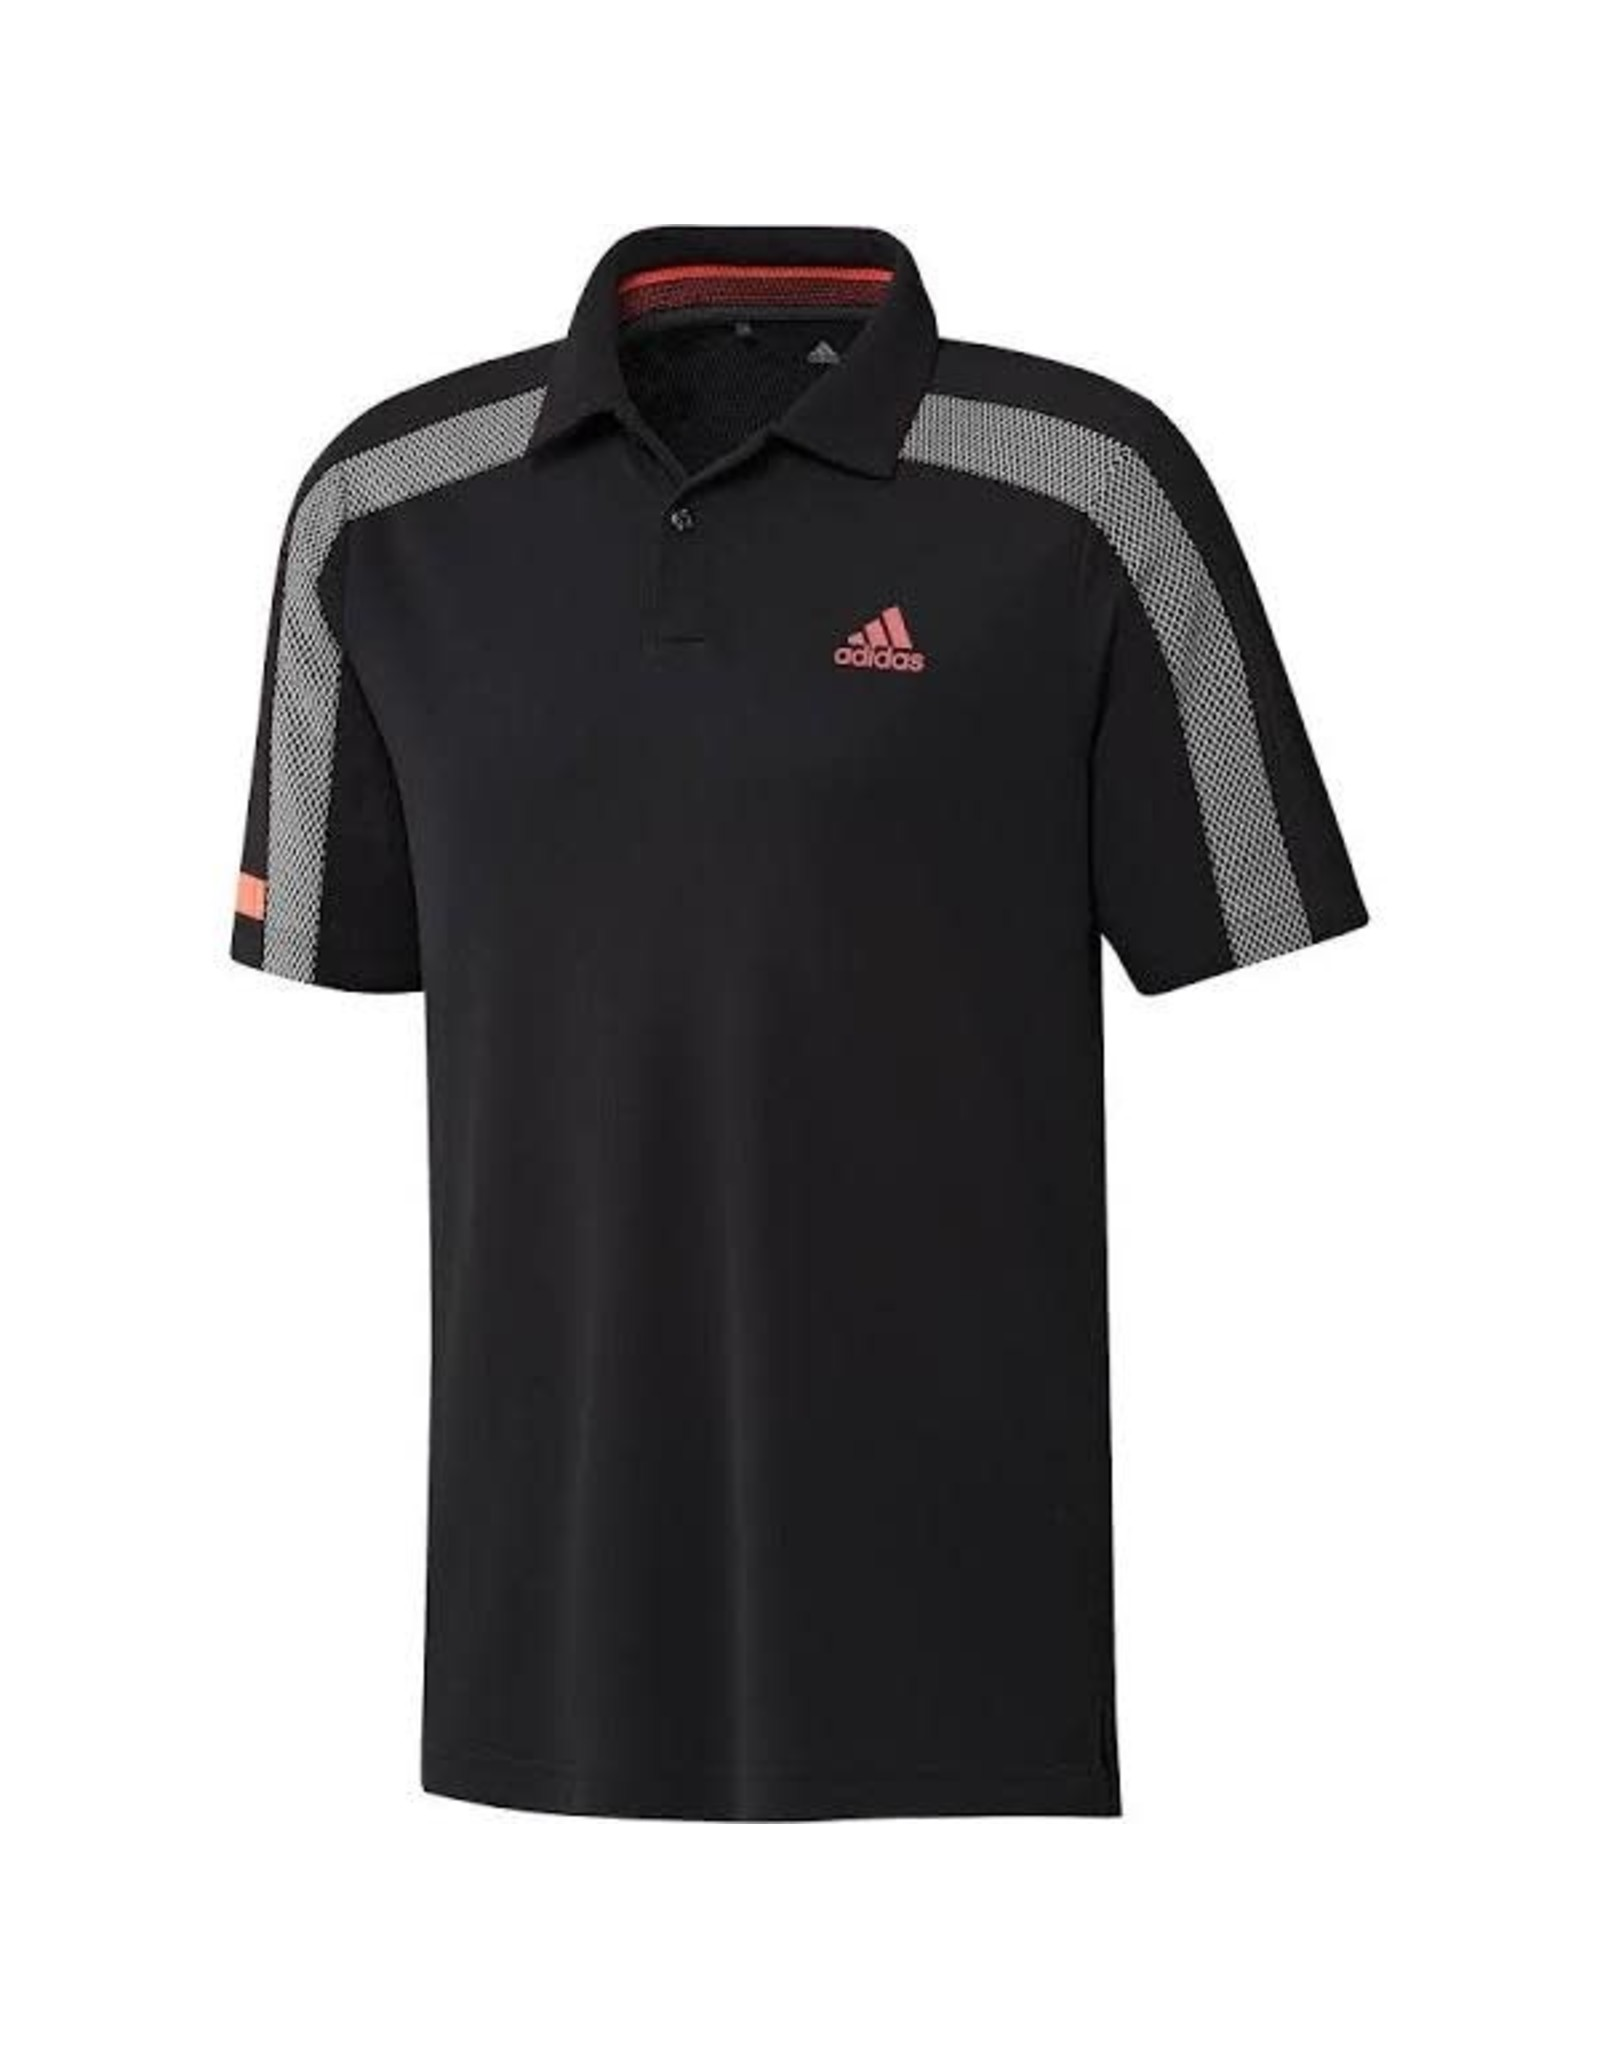 Adidas Shirt Adi Heat RDY